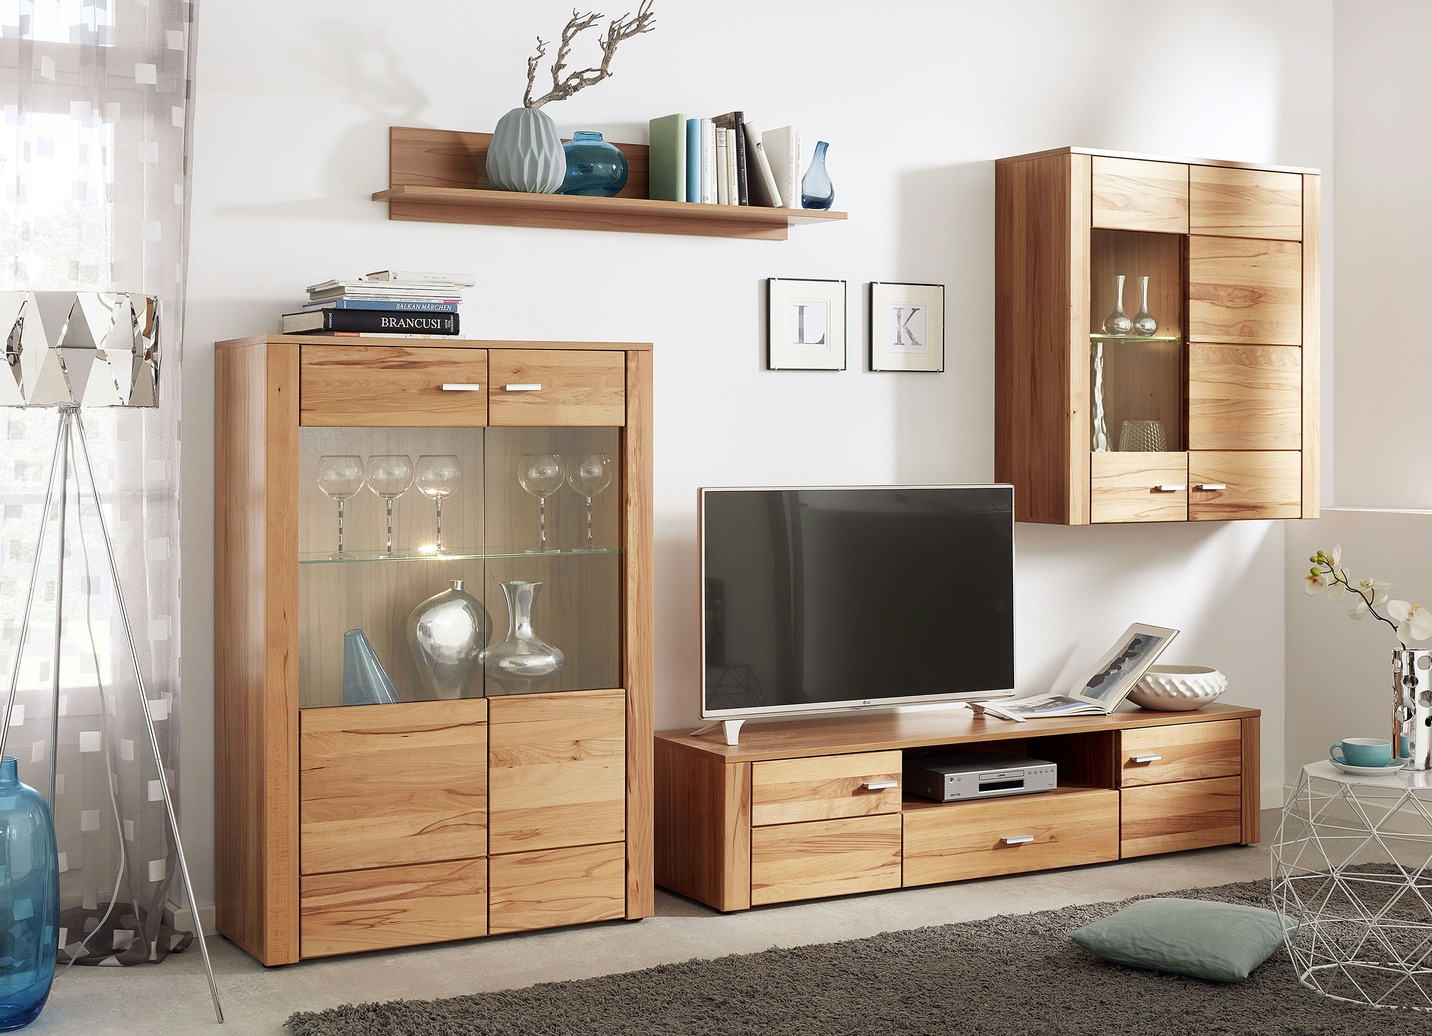 wohnwand mit glasb den mit led beleuchtung wohnzimmer. Black Bedroom Furniture Sets. Home Design Ideas